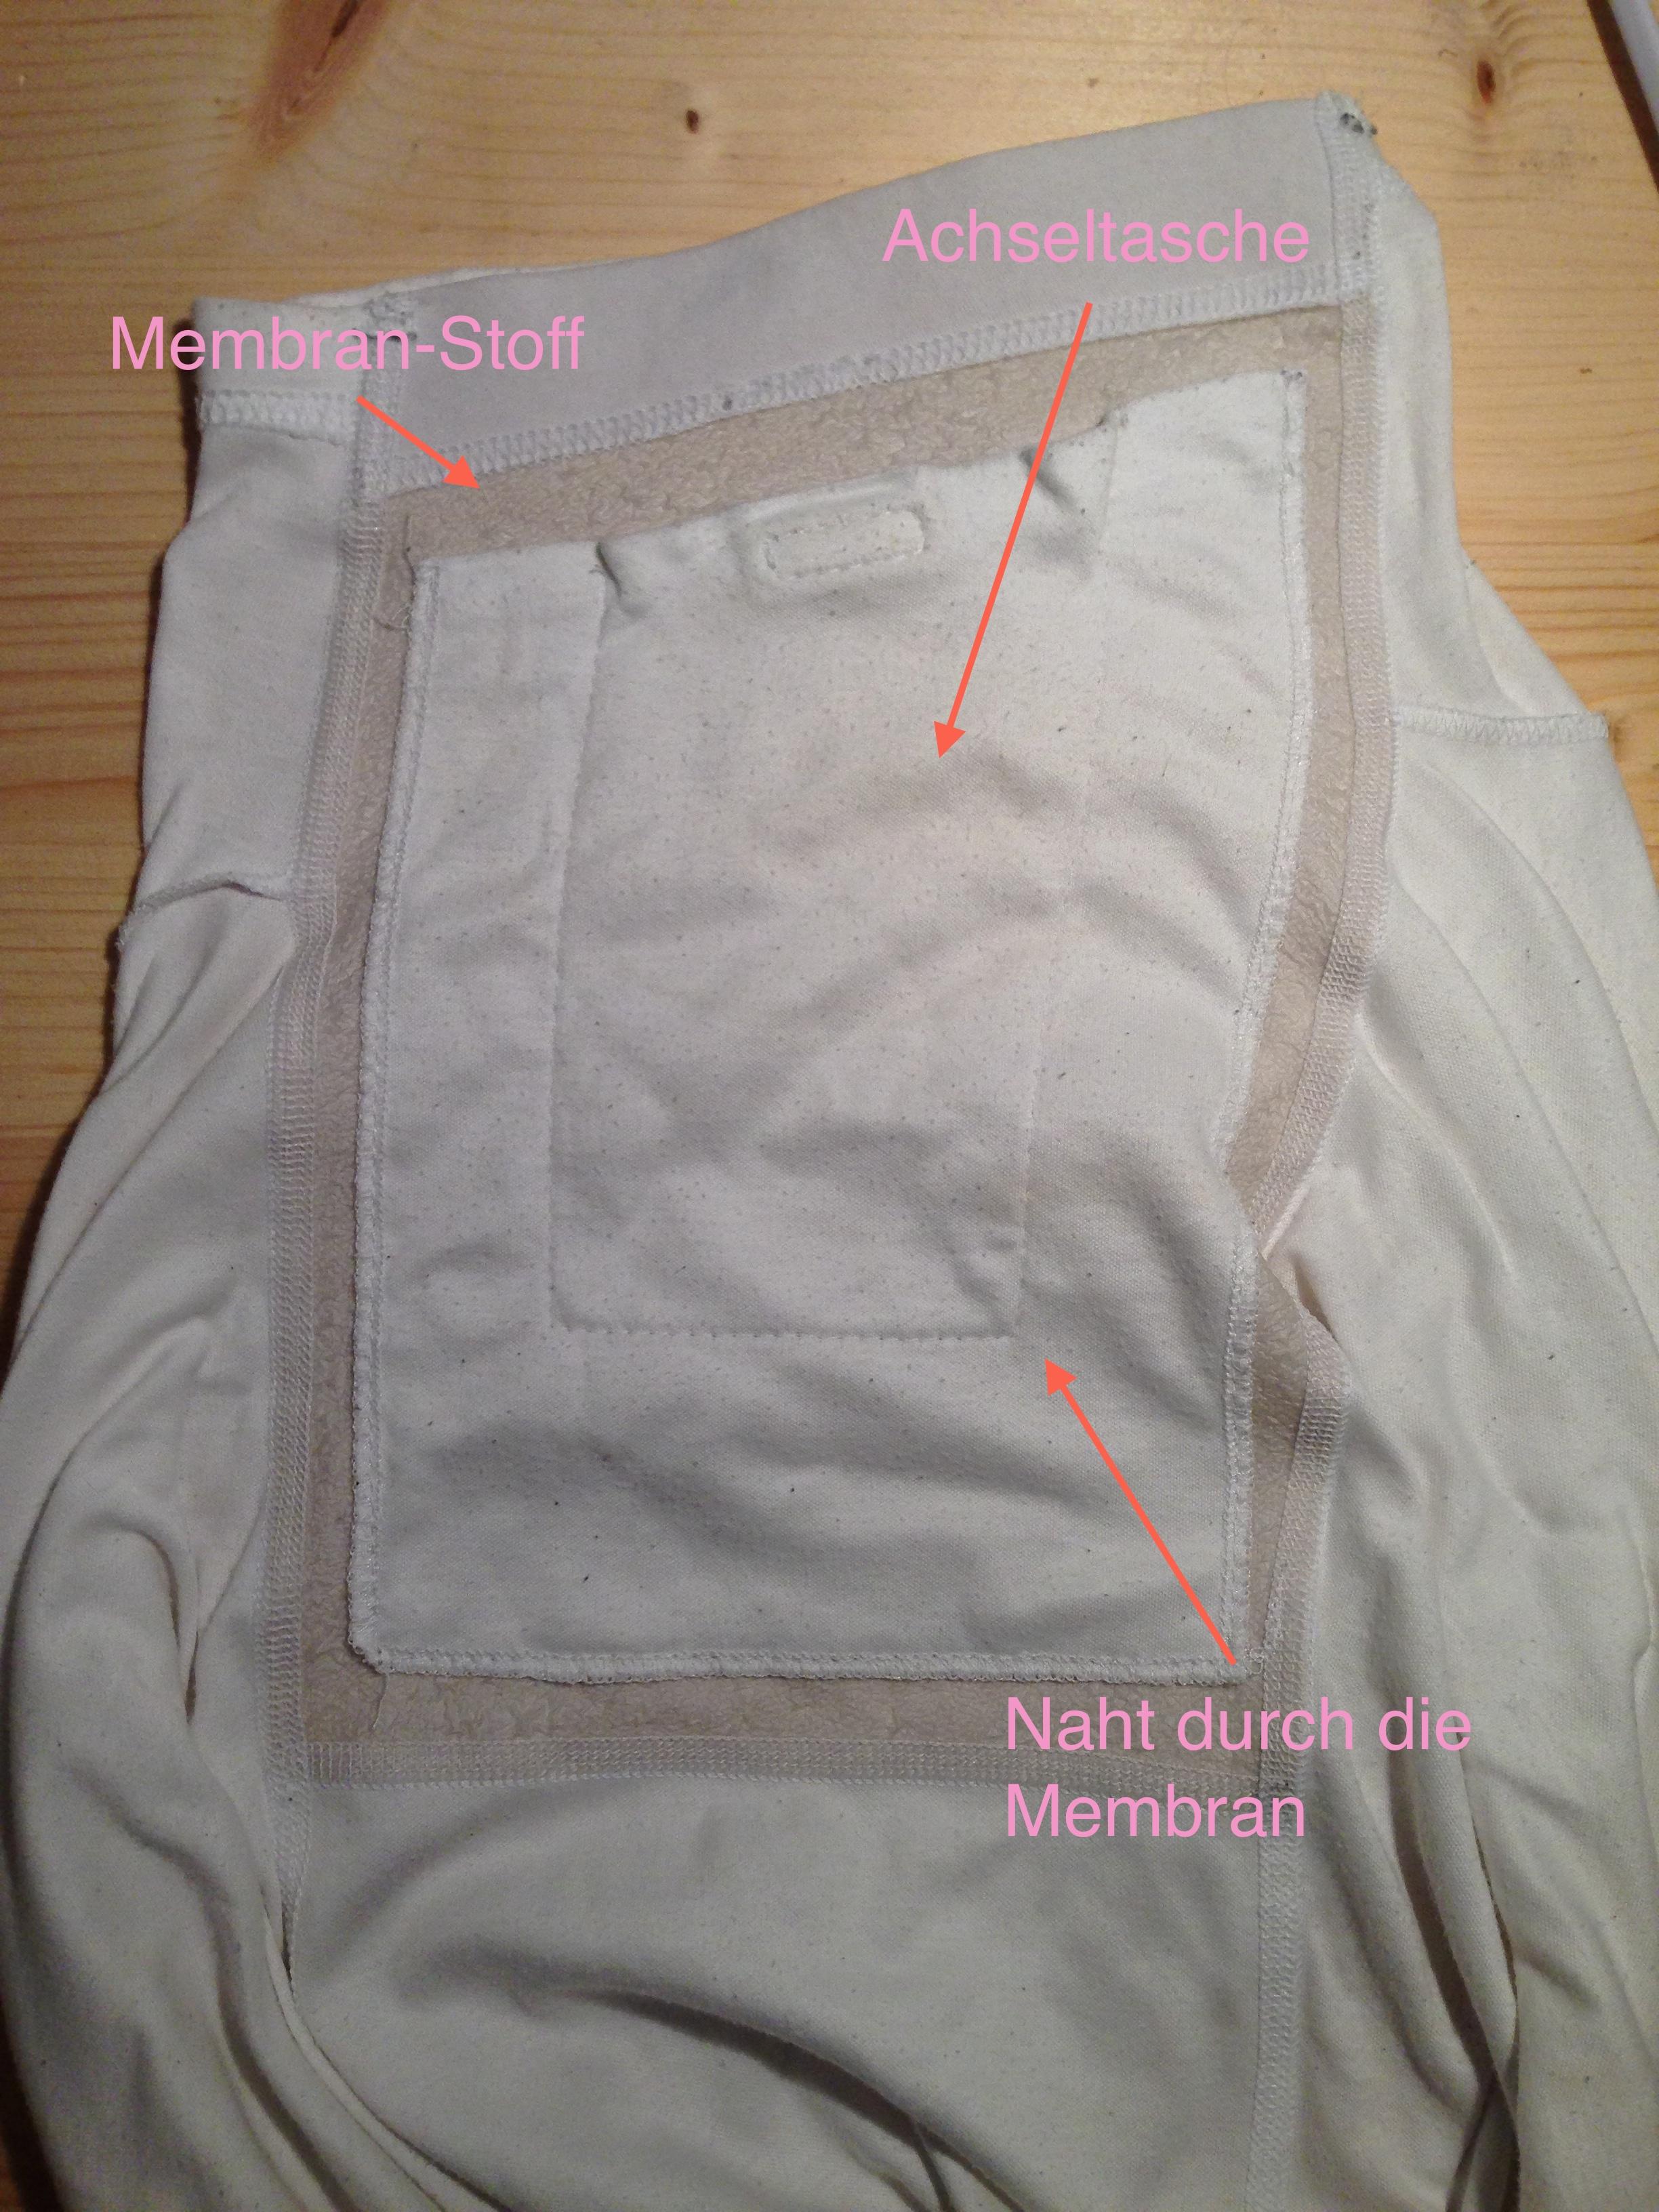 Die Innenseite der Achsel eines älteren Models eines laulas® Shirts.